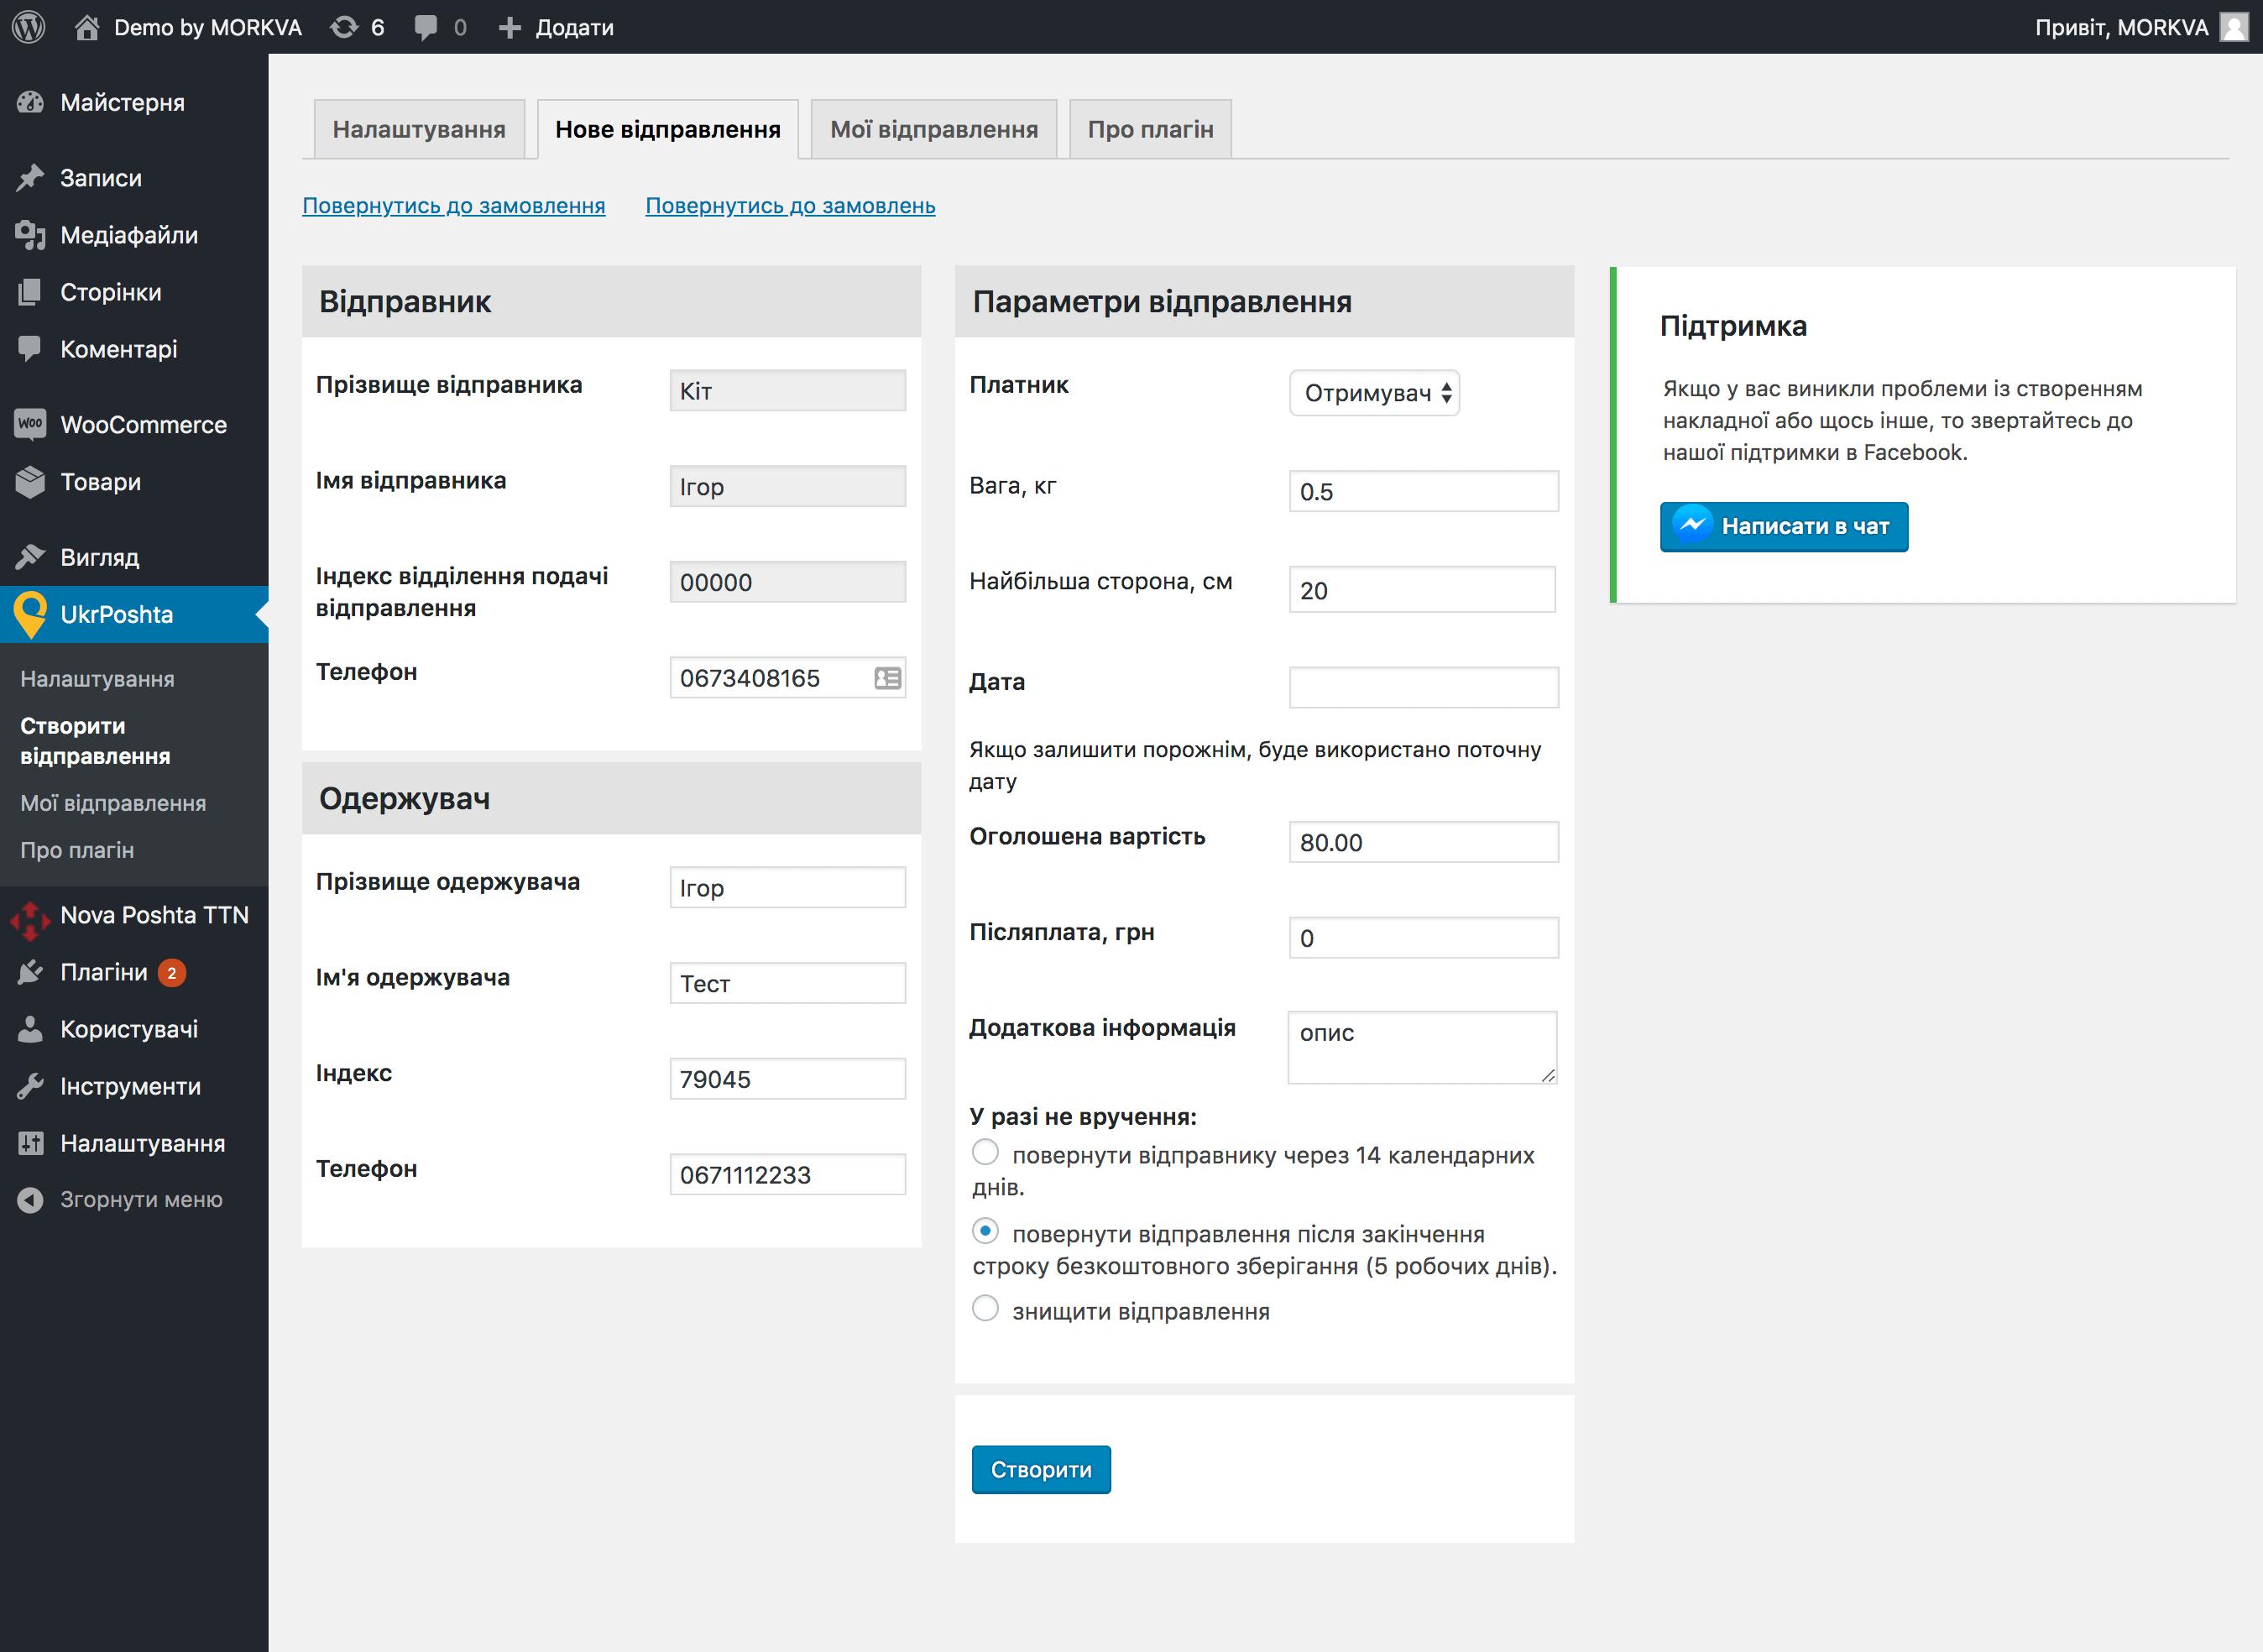 """Створення накладної. Для переходу на цю сторінку натисніть кнопку """"Створити накладну"""" на сторінці замовлення"""